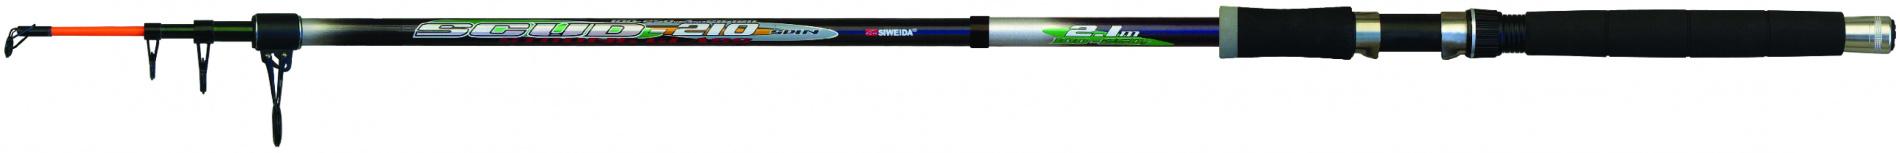 Спиннинг тел. SWD Scud 3,0м (100-250г) (скл. кольцо,чехол)Спинниги<br>Мощный телескопический спиннинг 3,0м тест <br>100-250г изготовленный из стеклопластика. <br>Мощный бланк позволяет далеко забрасывать <br>тяжелые приманки и кормушки. Может использоваться <br>как донная удочка. Наличие последнего складного <br>кольца снижает вероятность повреждения <br>спиннинга при транспортировке. Комплектуется <br>чехлом.<br>